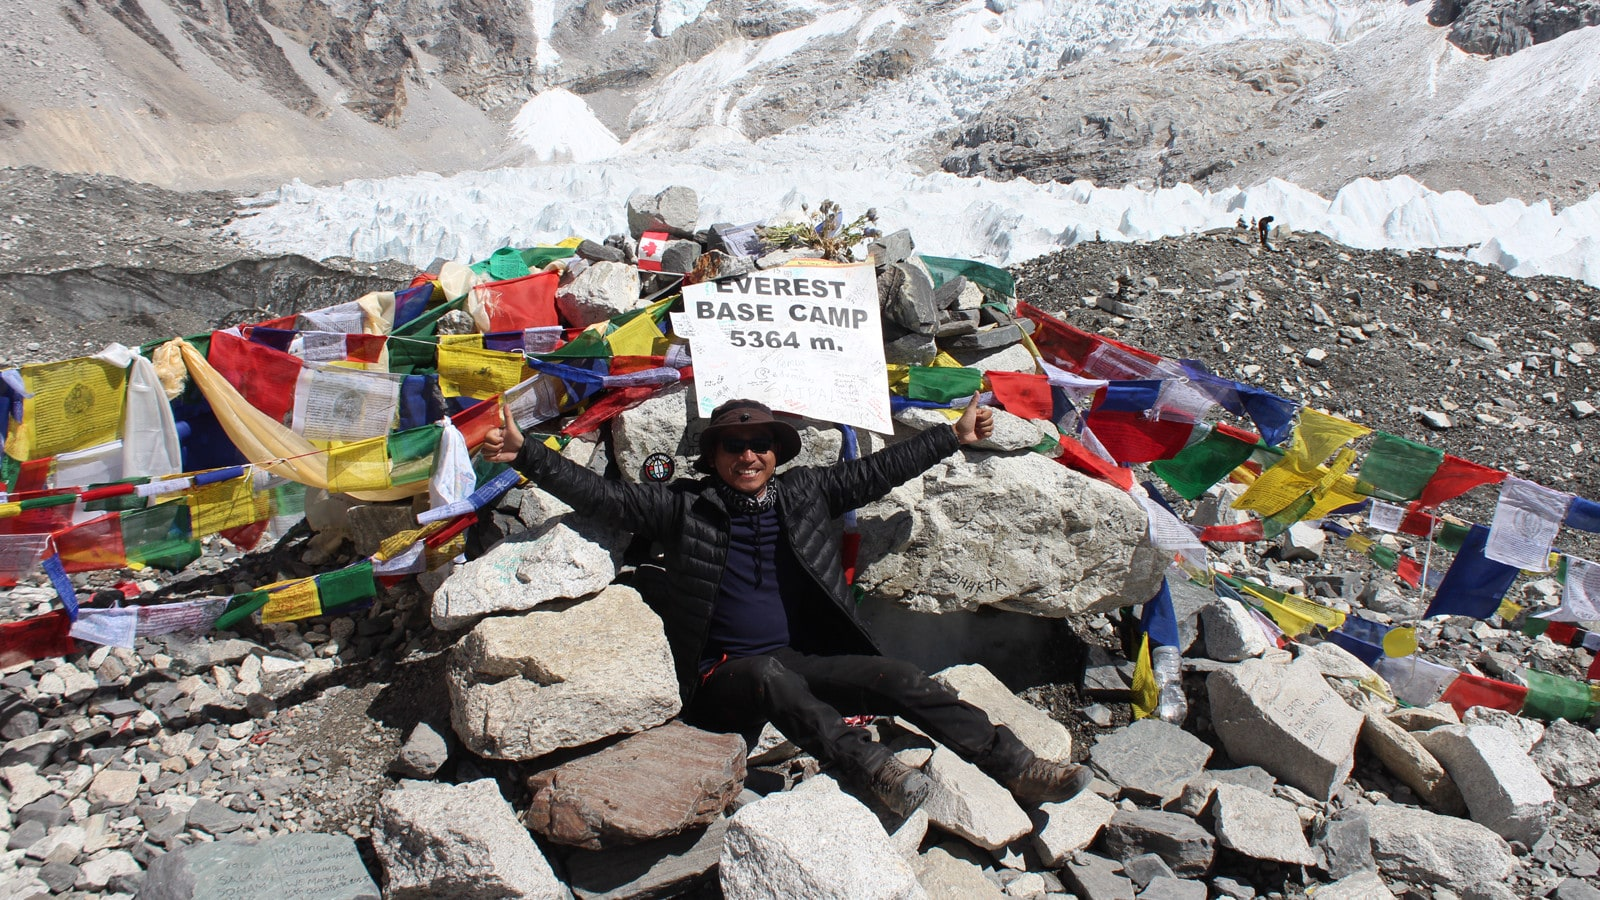 Tsering Lama